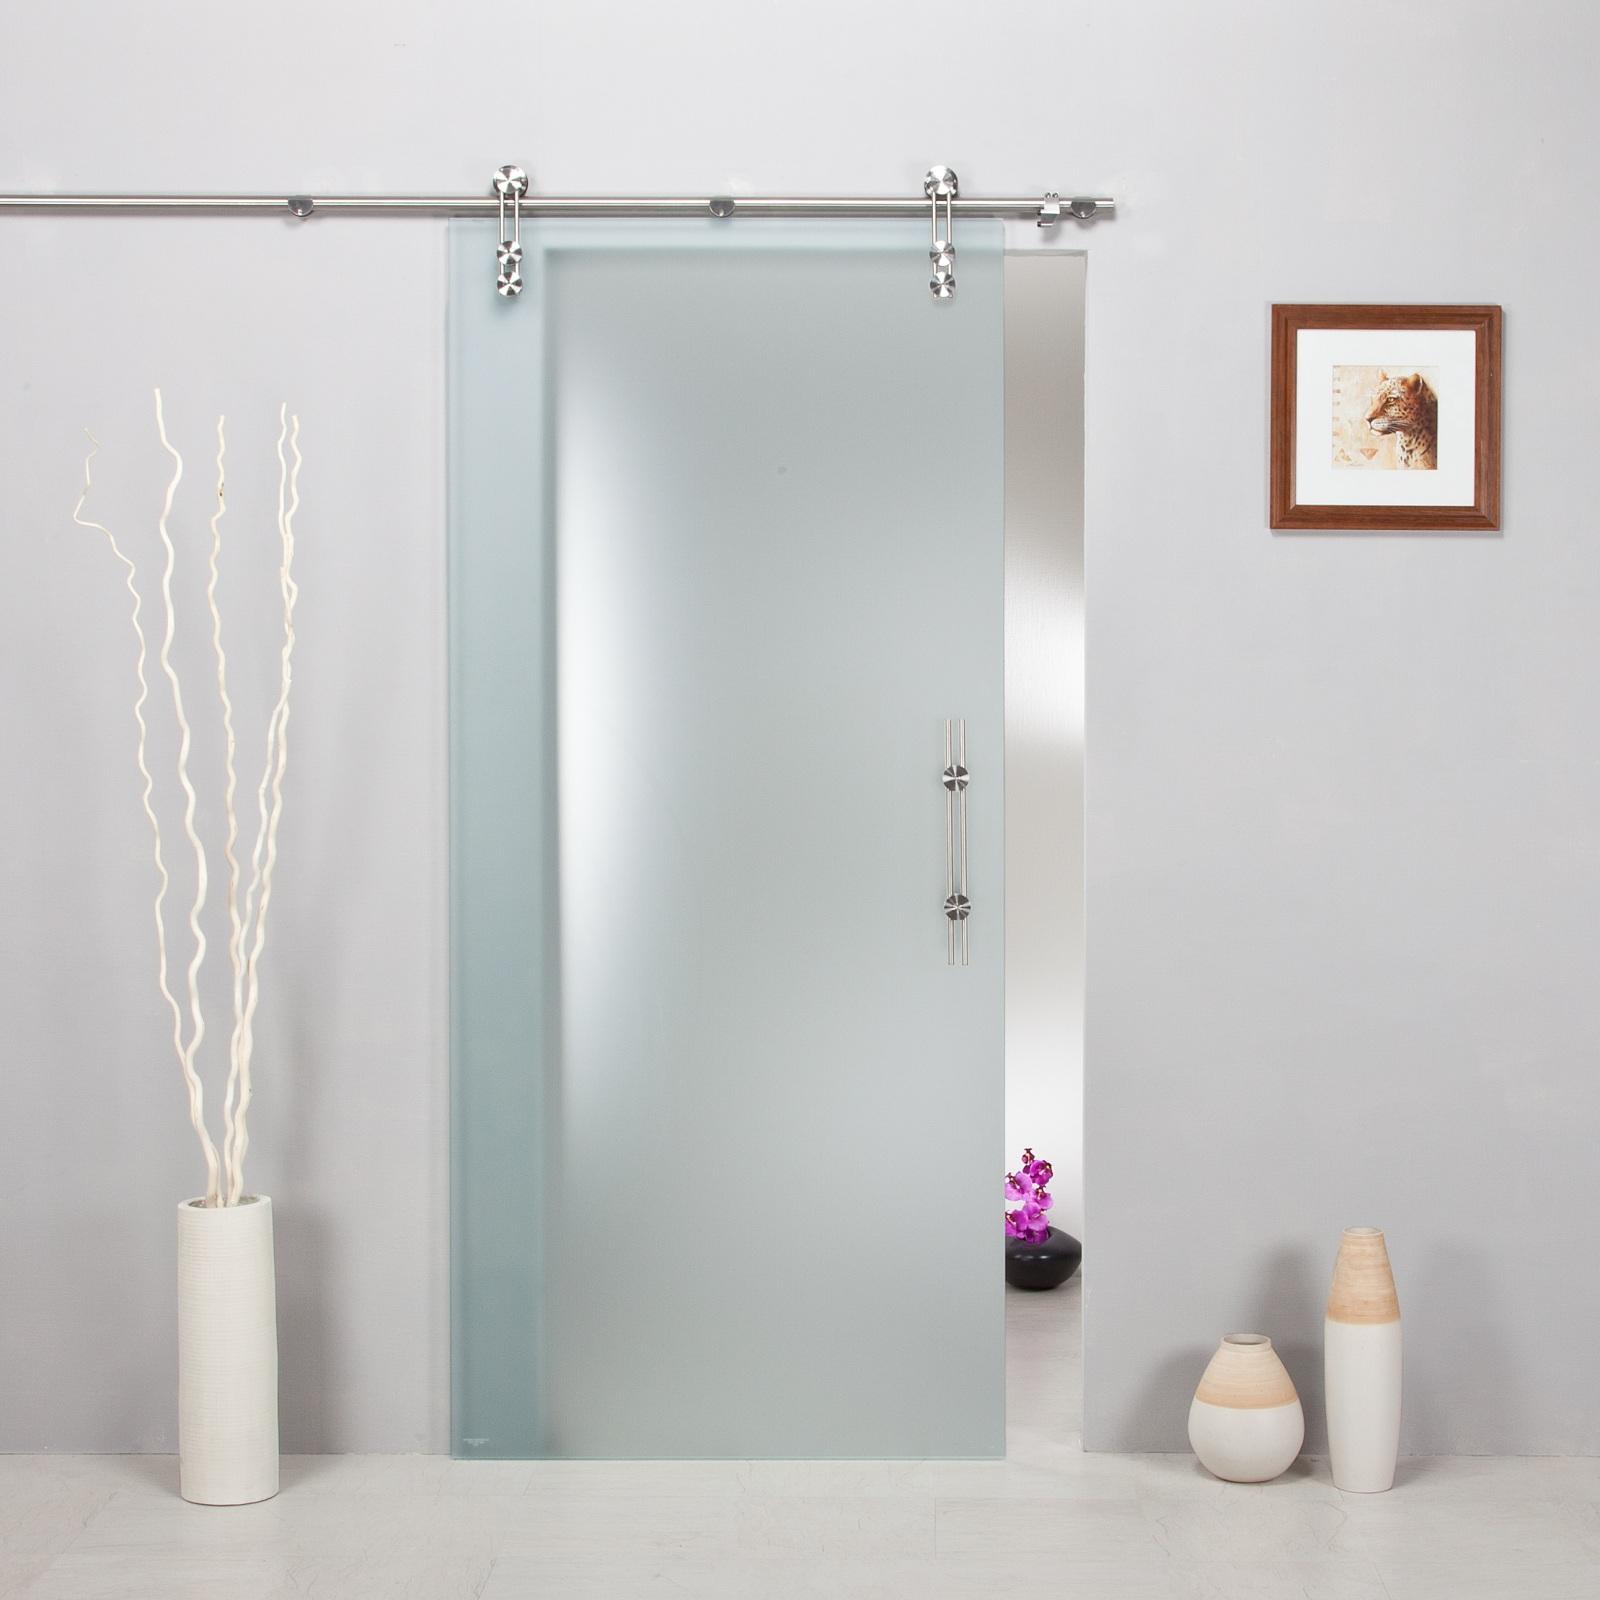 glasschiebet r satinato mit schiebesystem v1000 d und griffstange edelstahl. Black Bedroom Furniture Sets. Home Design Ideas